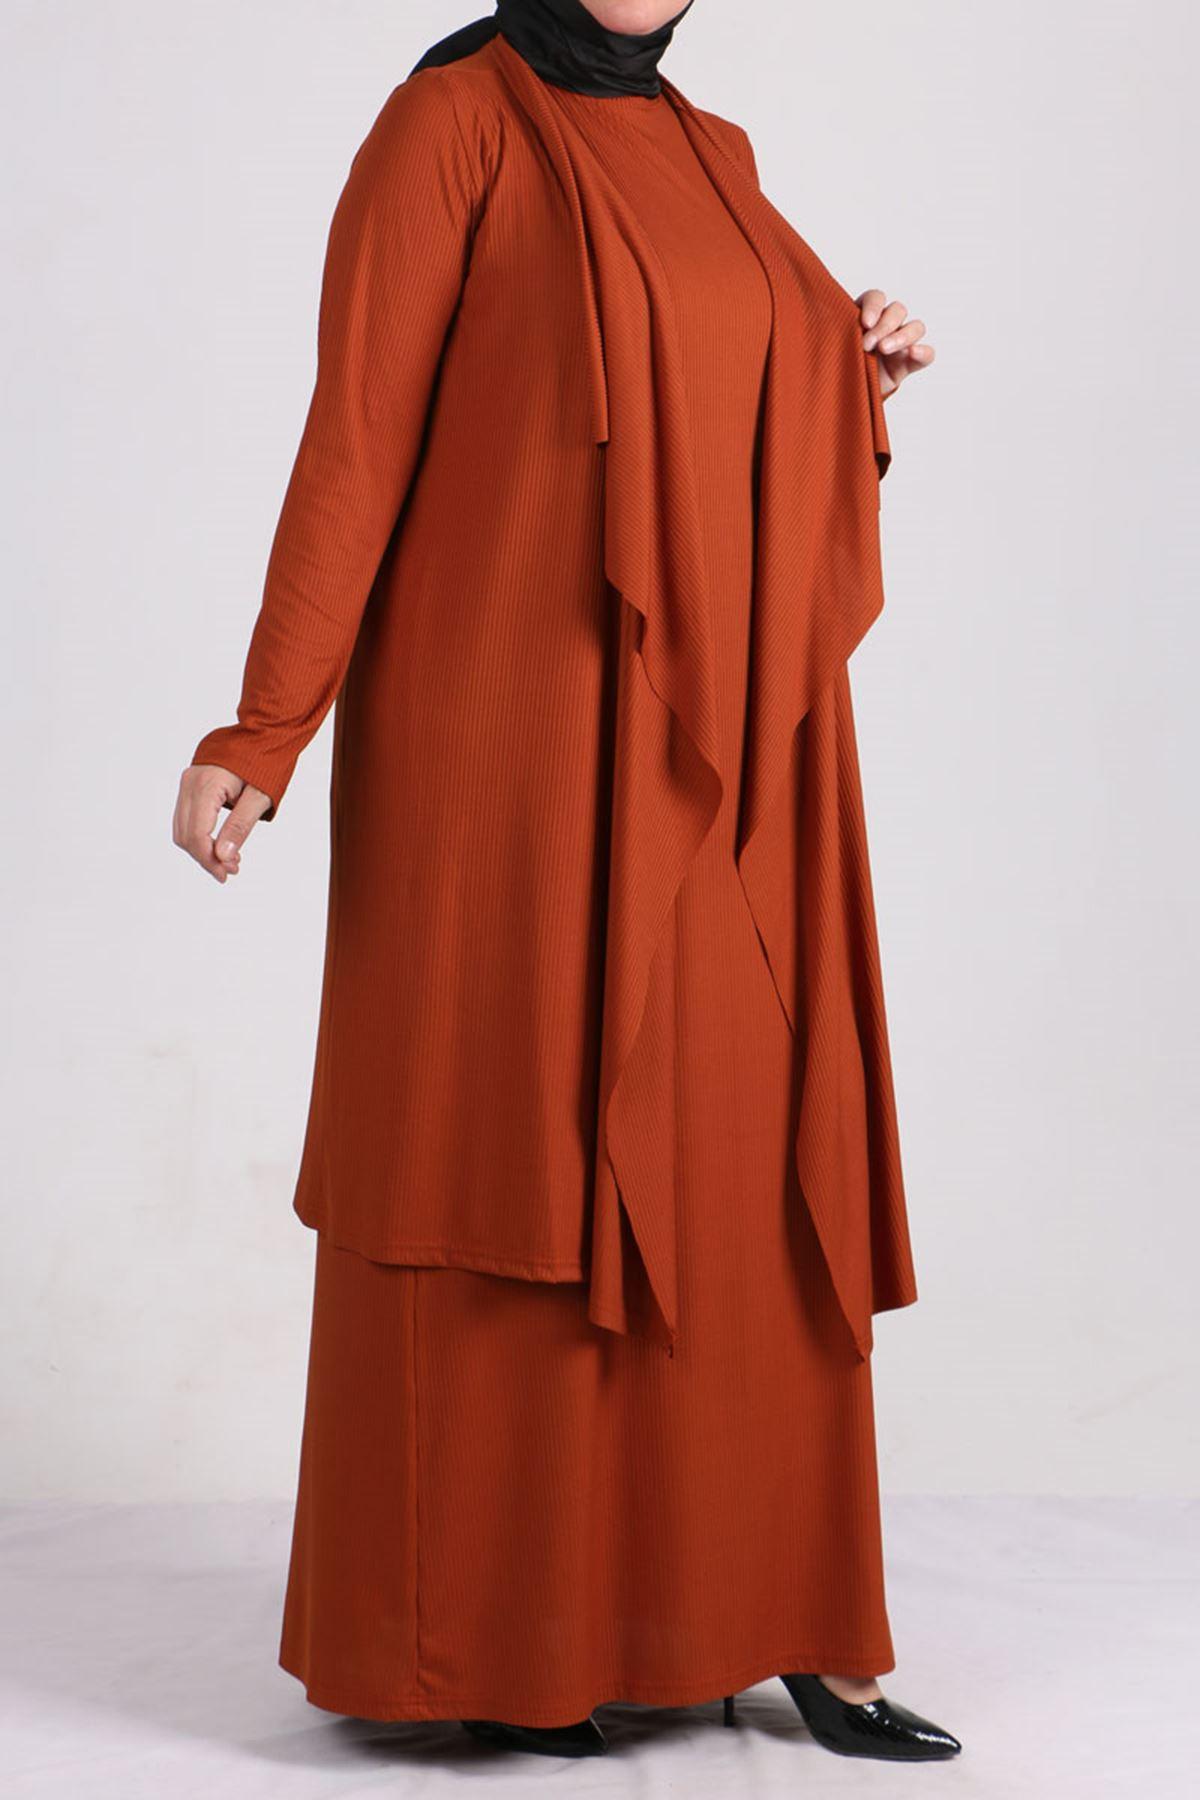 7201 Plus Size Dress-Jacket Suit - Black